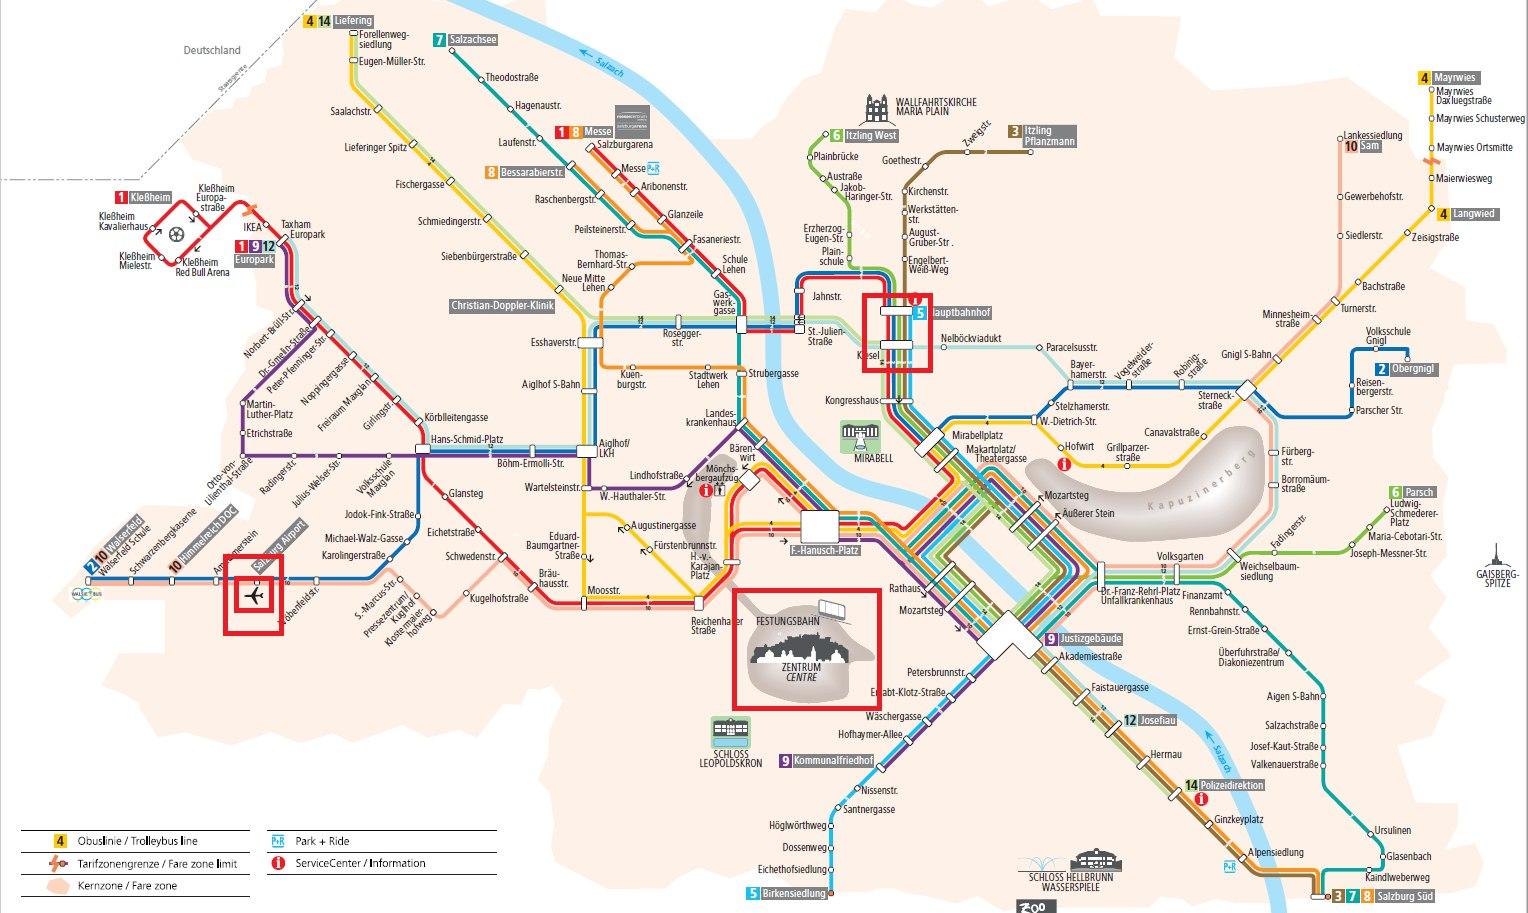 Схема троллейбусных маршрутов Зальцбурга